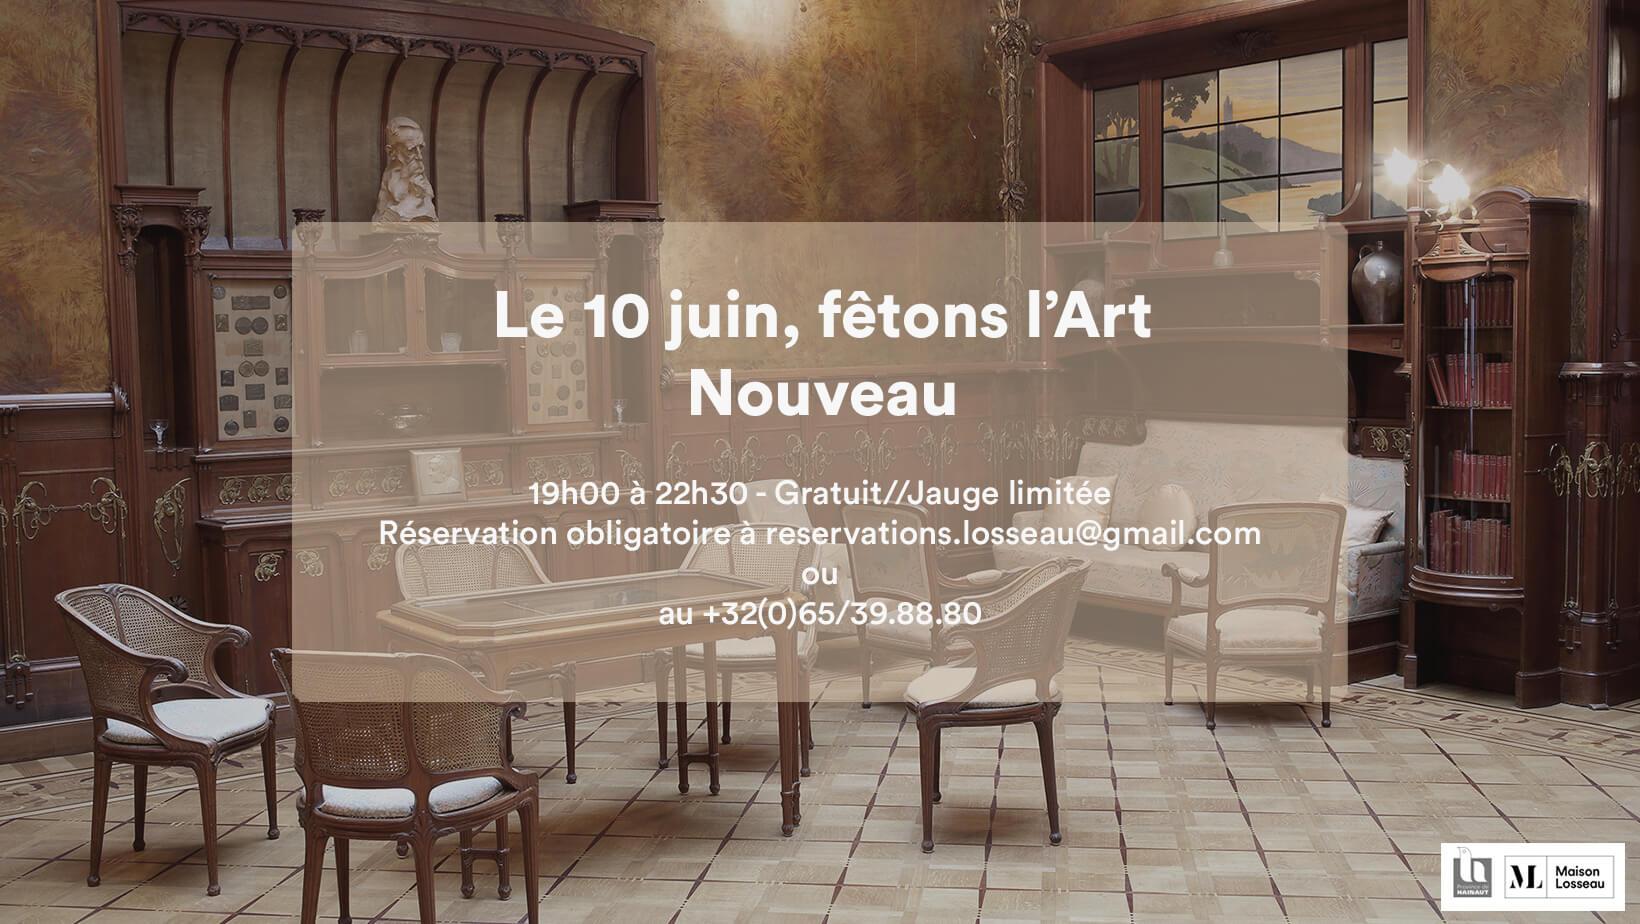 """Visuel officiel de l'activité """"Le 10 juin, fêtons l'Art Nouveau"""" de la Maison Losseau"""